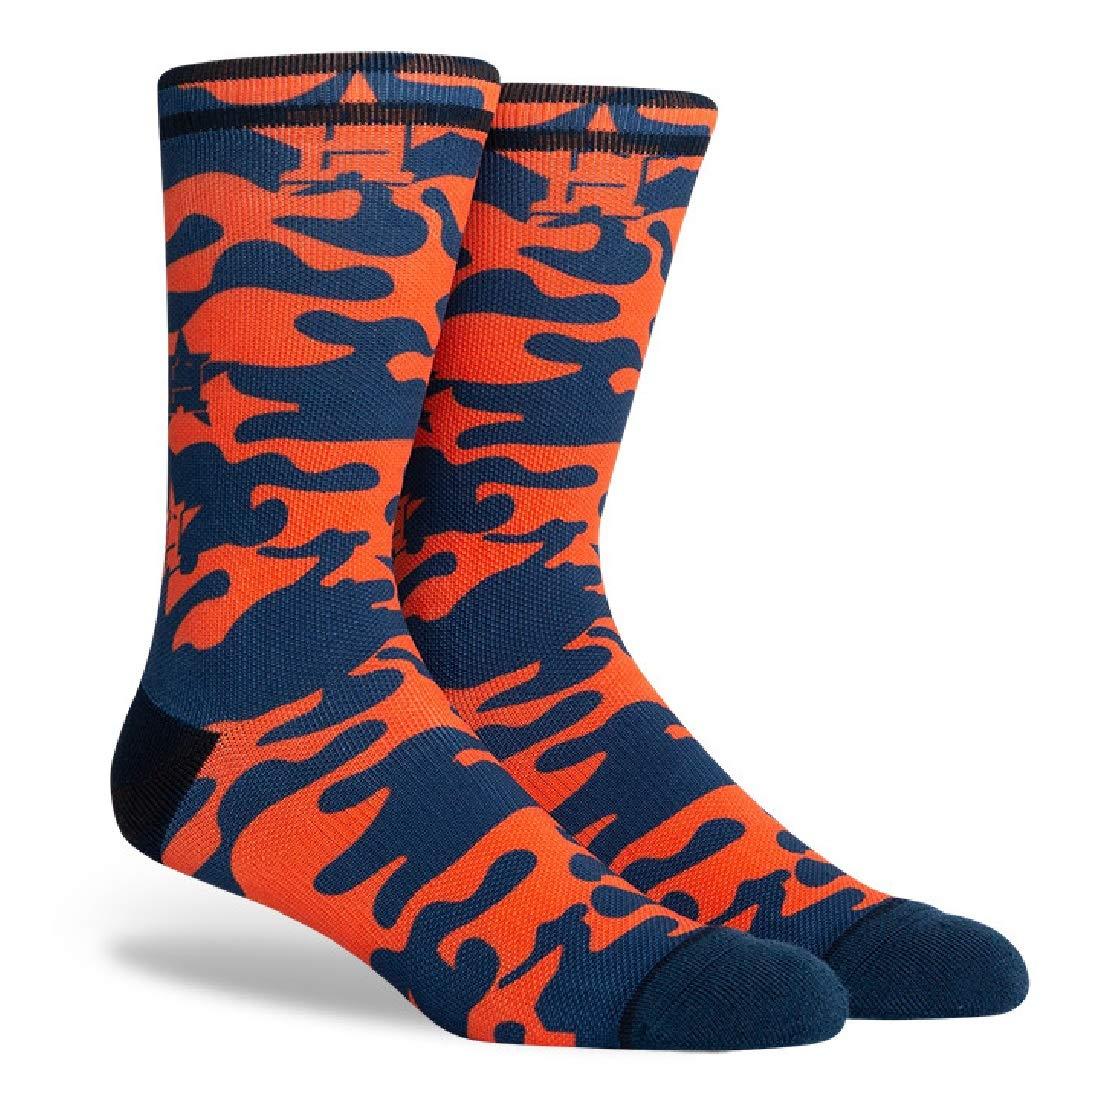 PKWY Unisex 3-Pack MLB Houston Astros Crew Socks